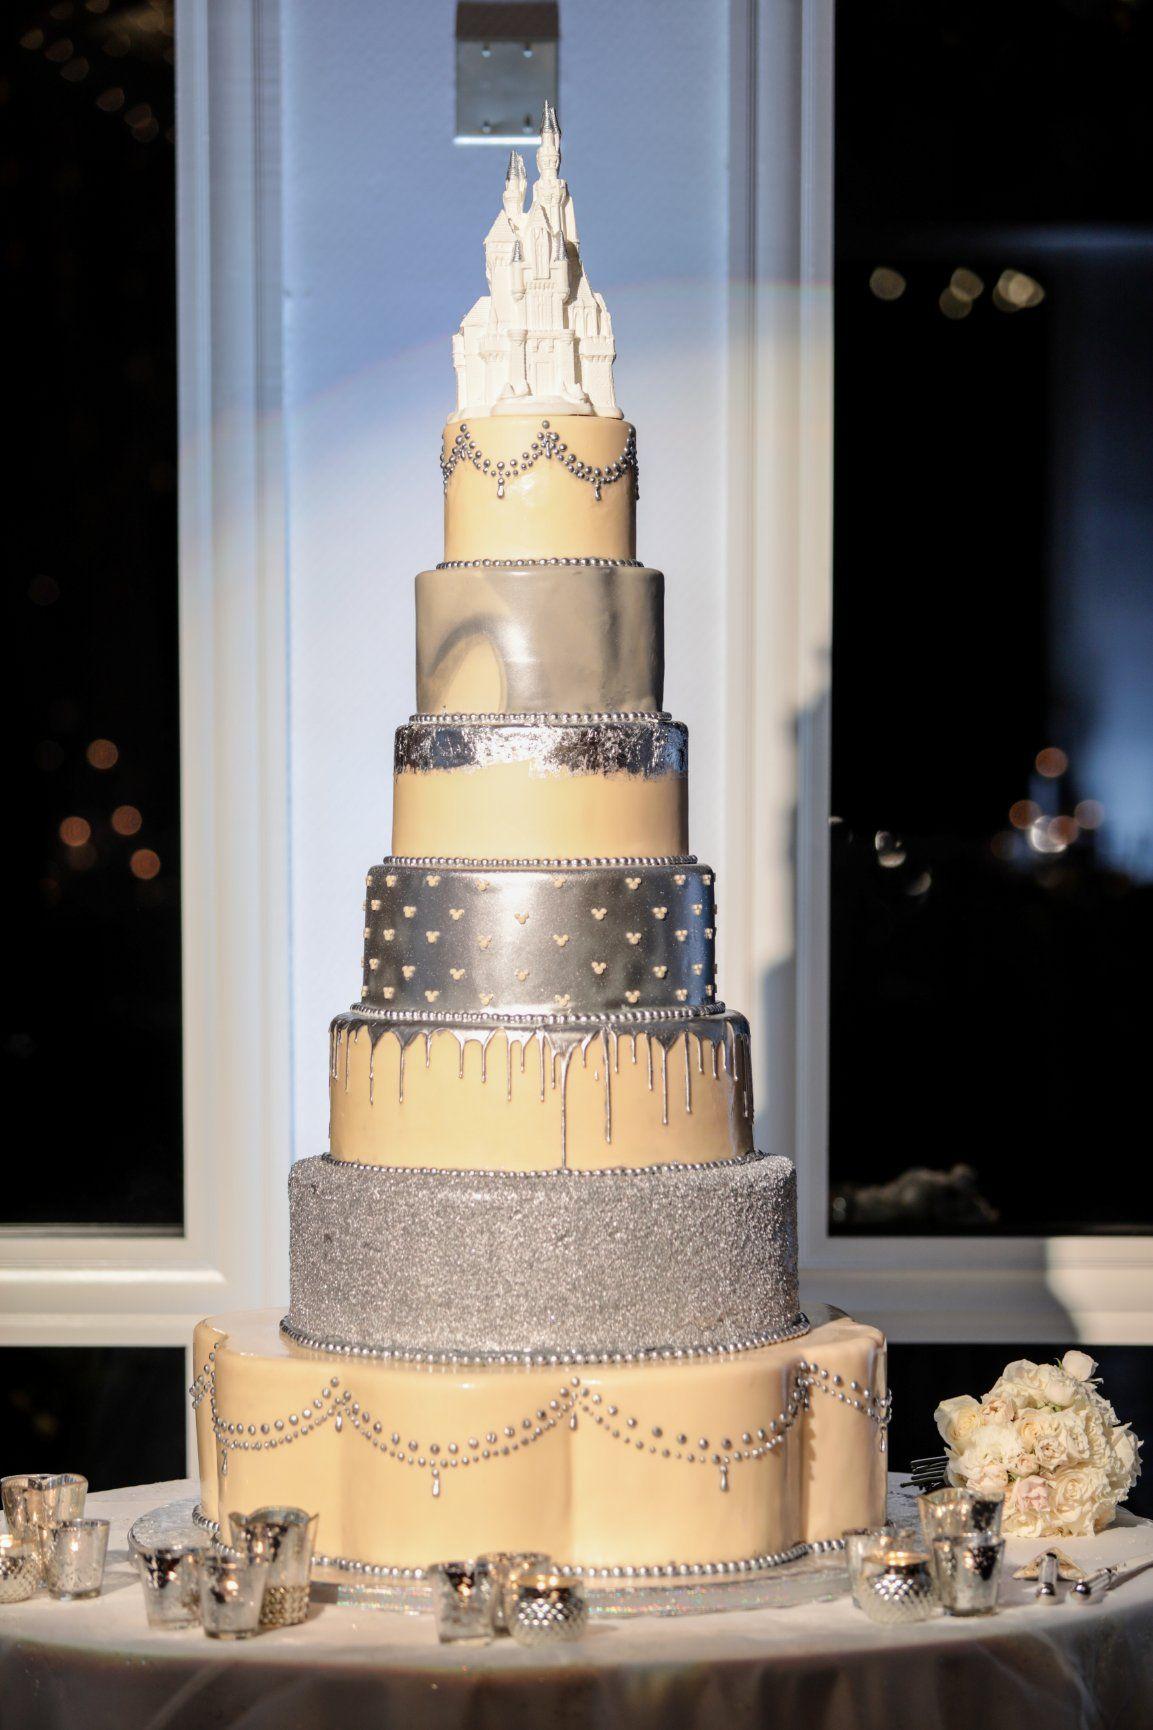 A Truly Breathtaking Wedding Cake At Disneyland